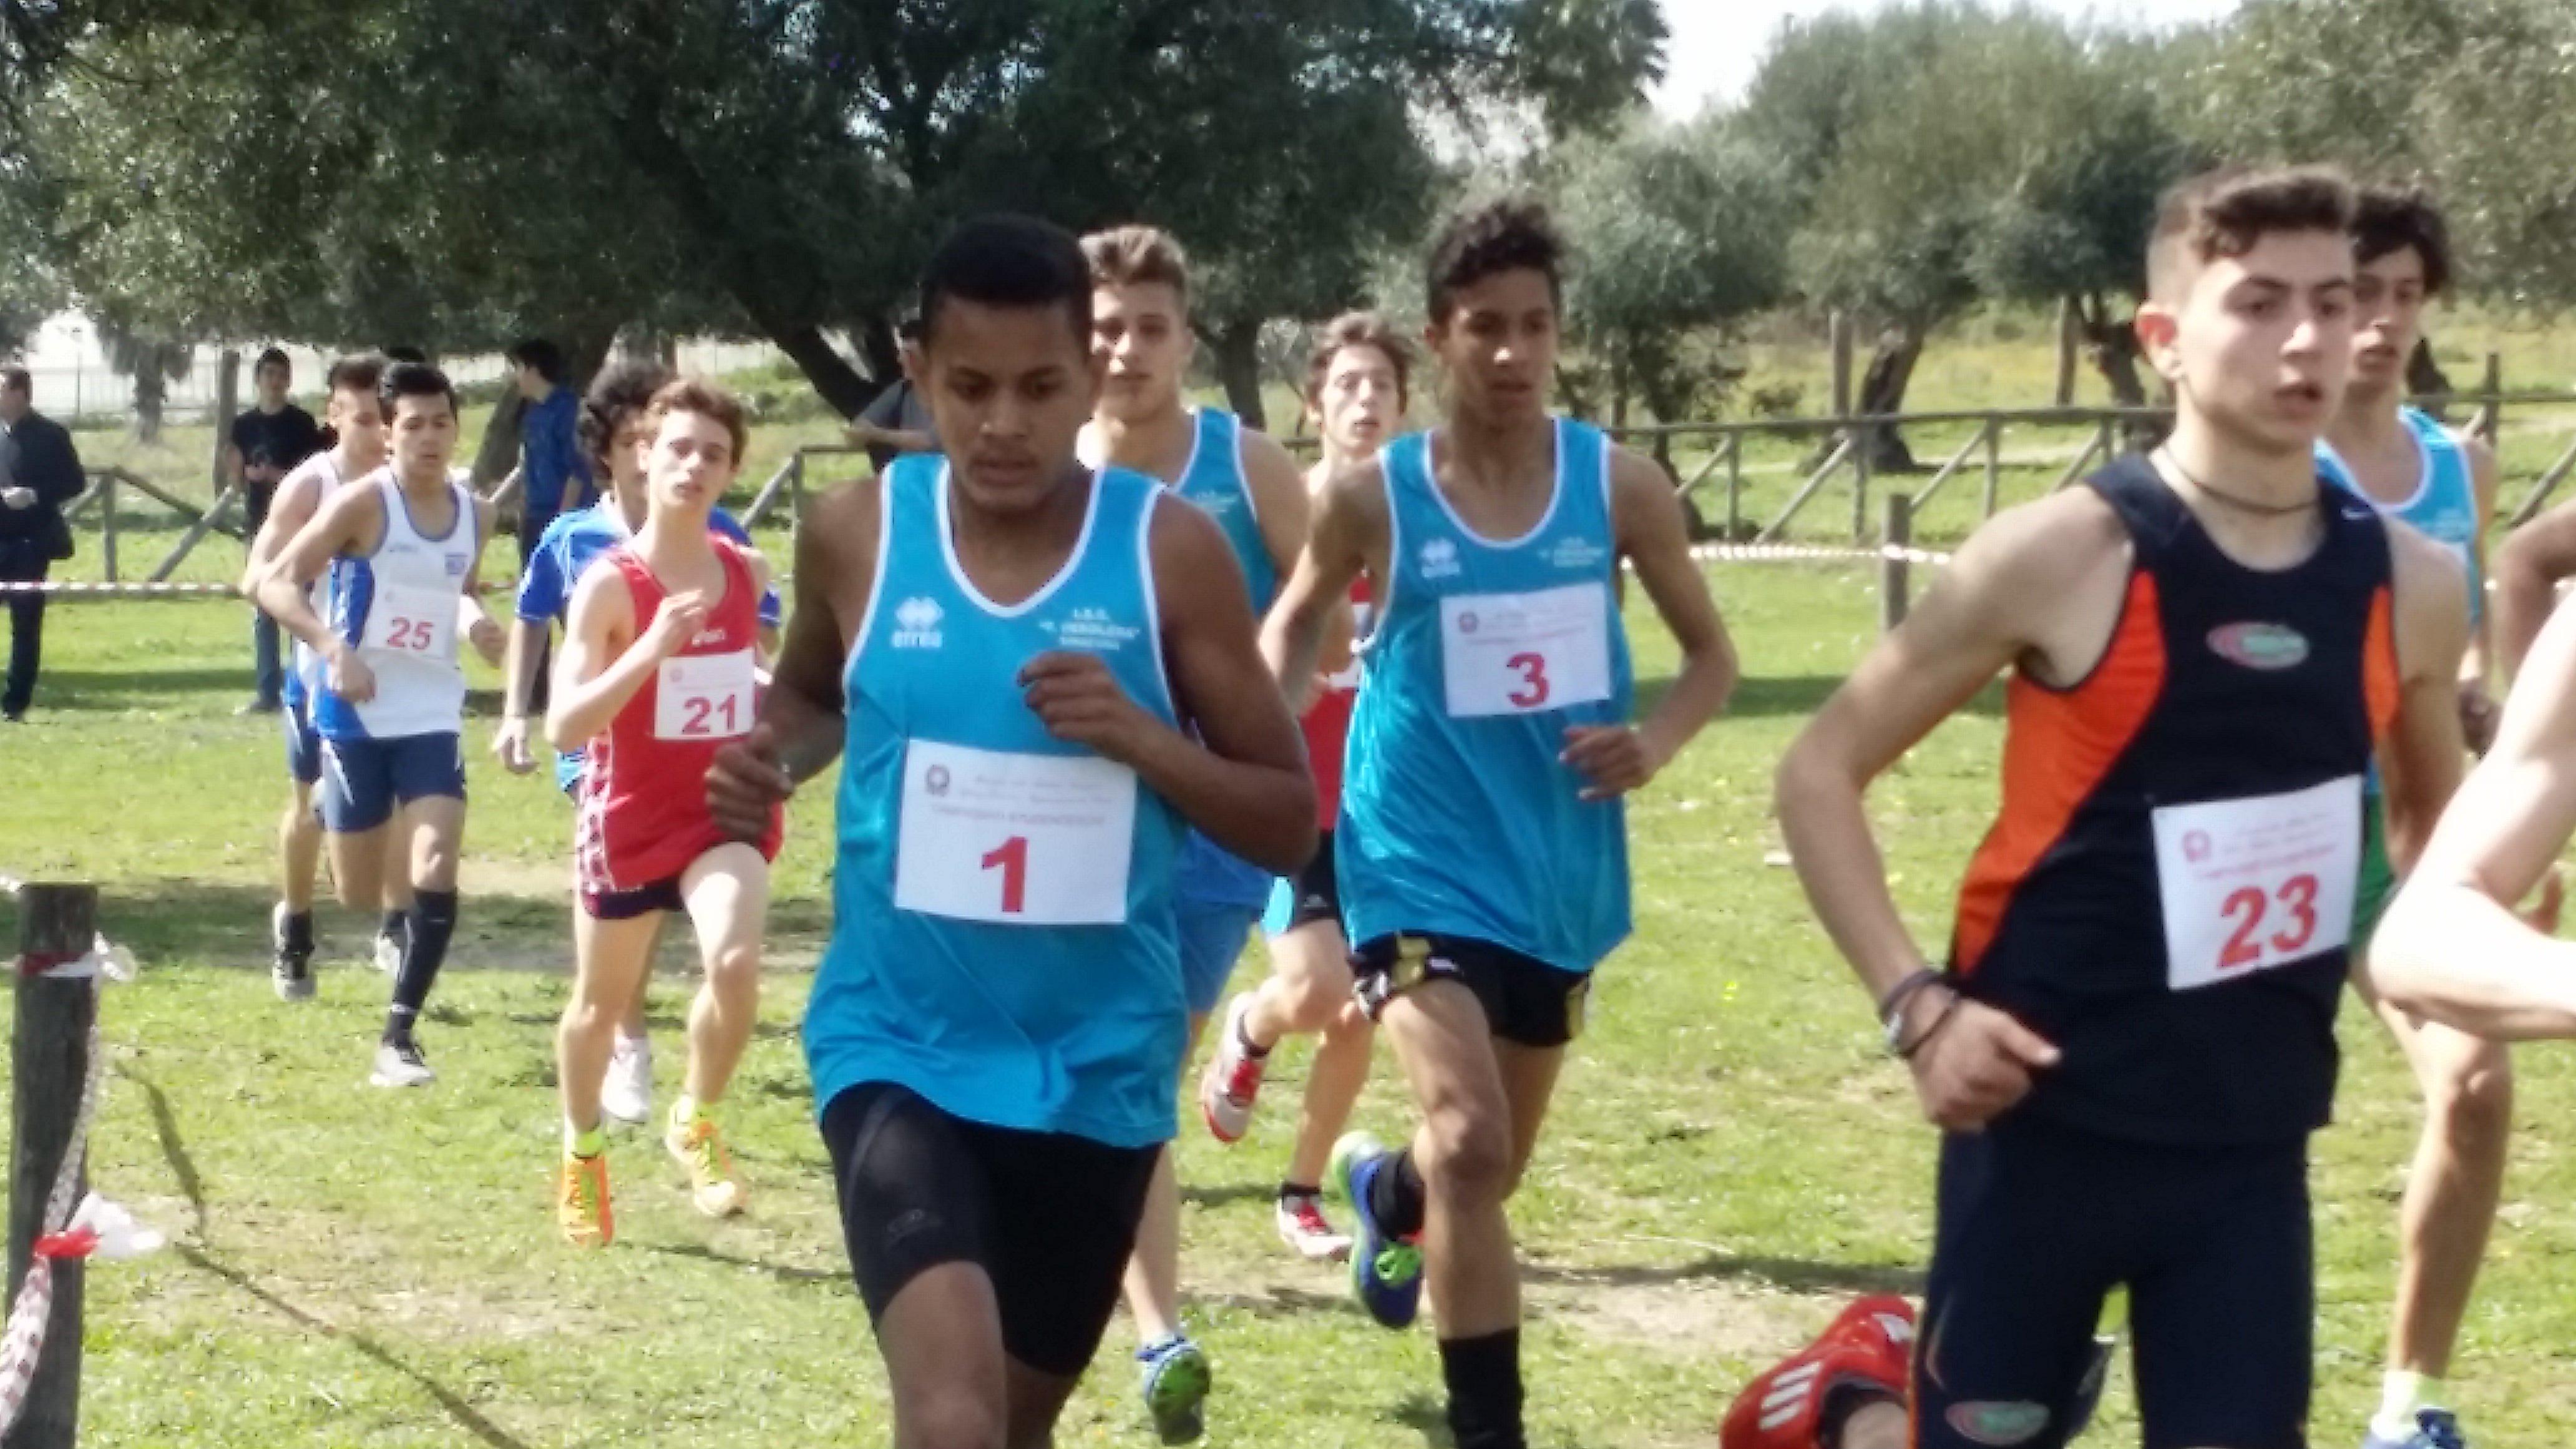 Campionati studenteschi di corsa campestre maschile3